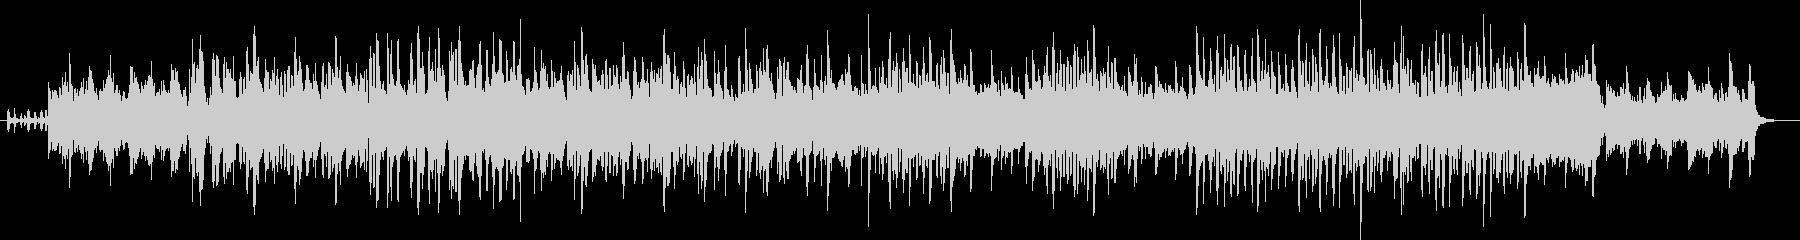 スペインのフラメンコ用テンポ240の曲の未再生の波形